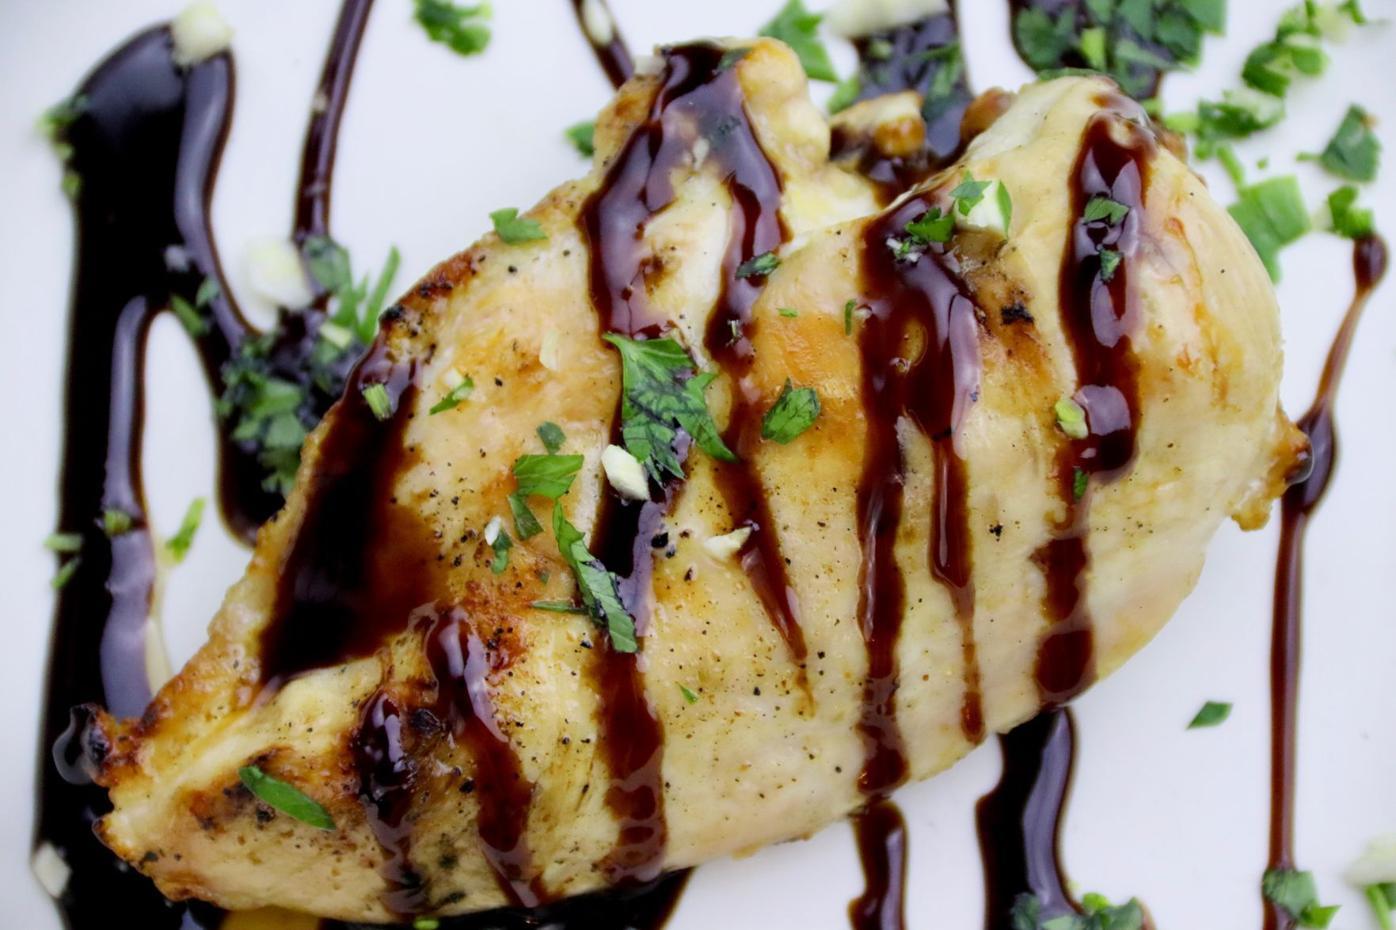 Black Garlic & Balsamic Glazed Chicken